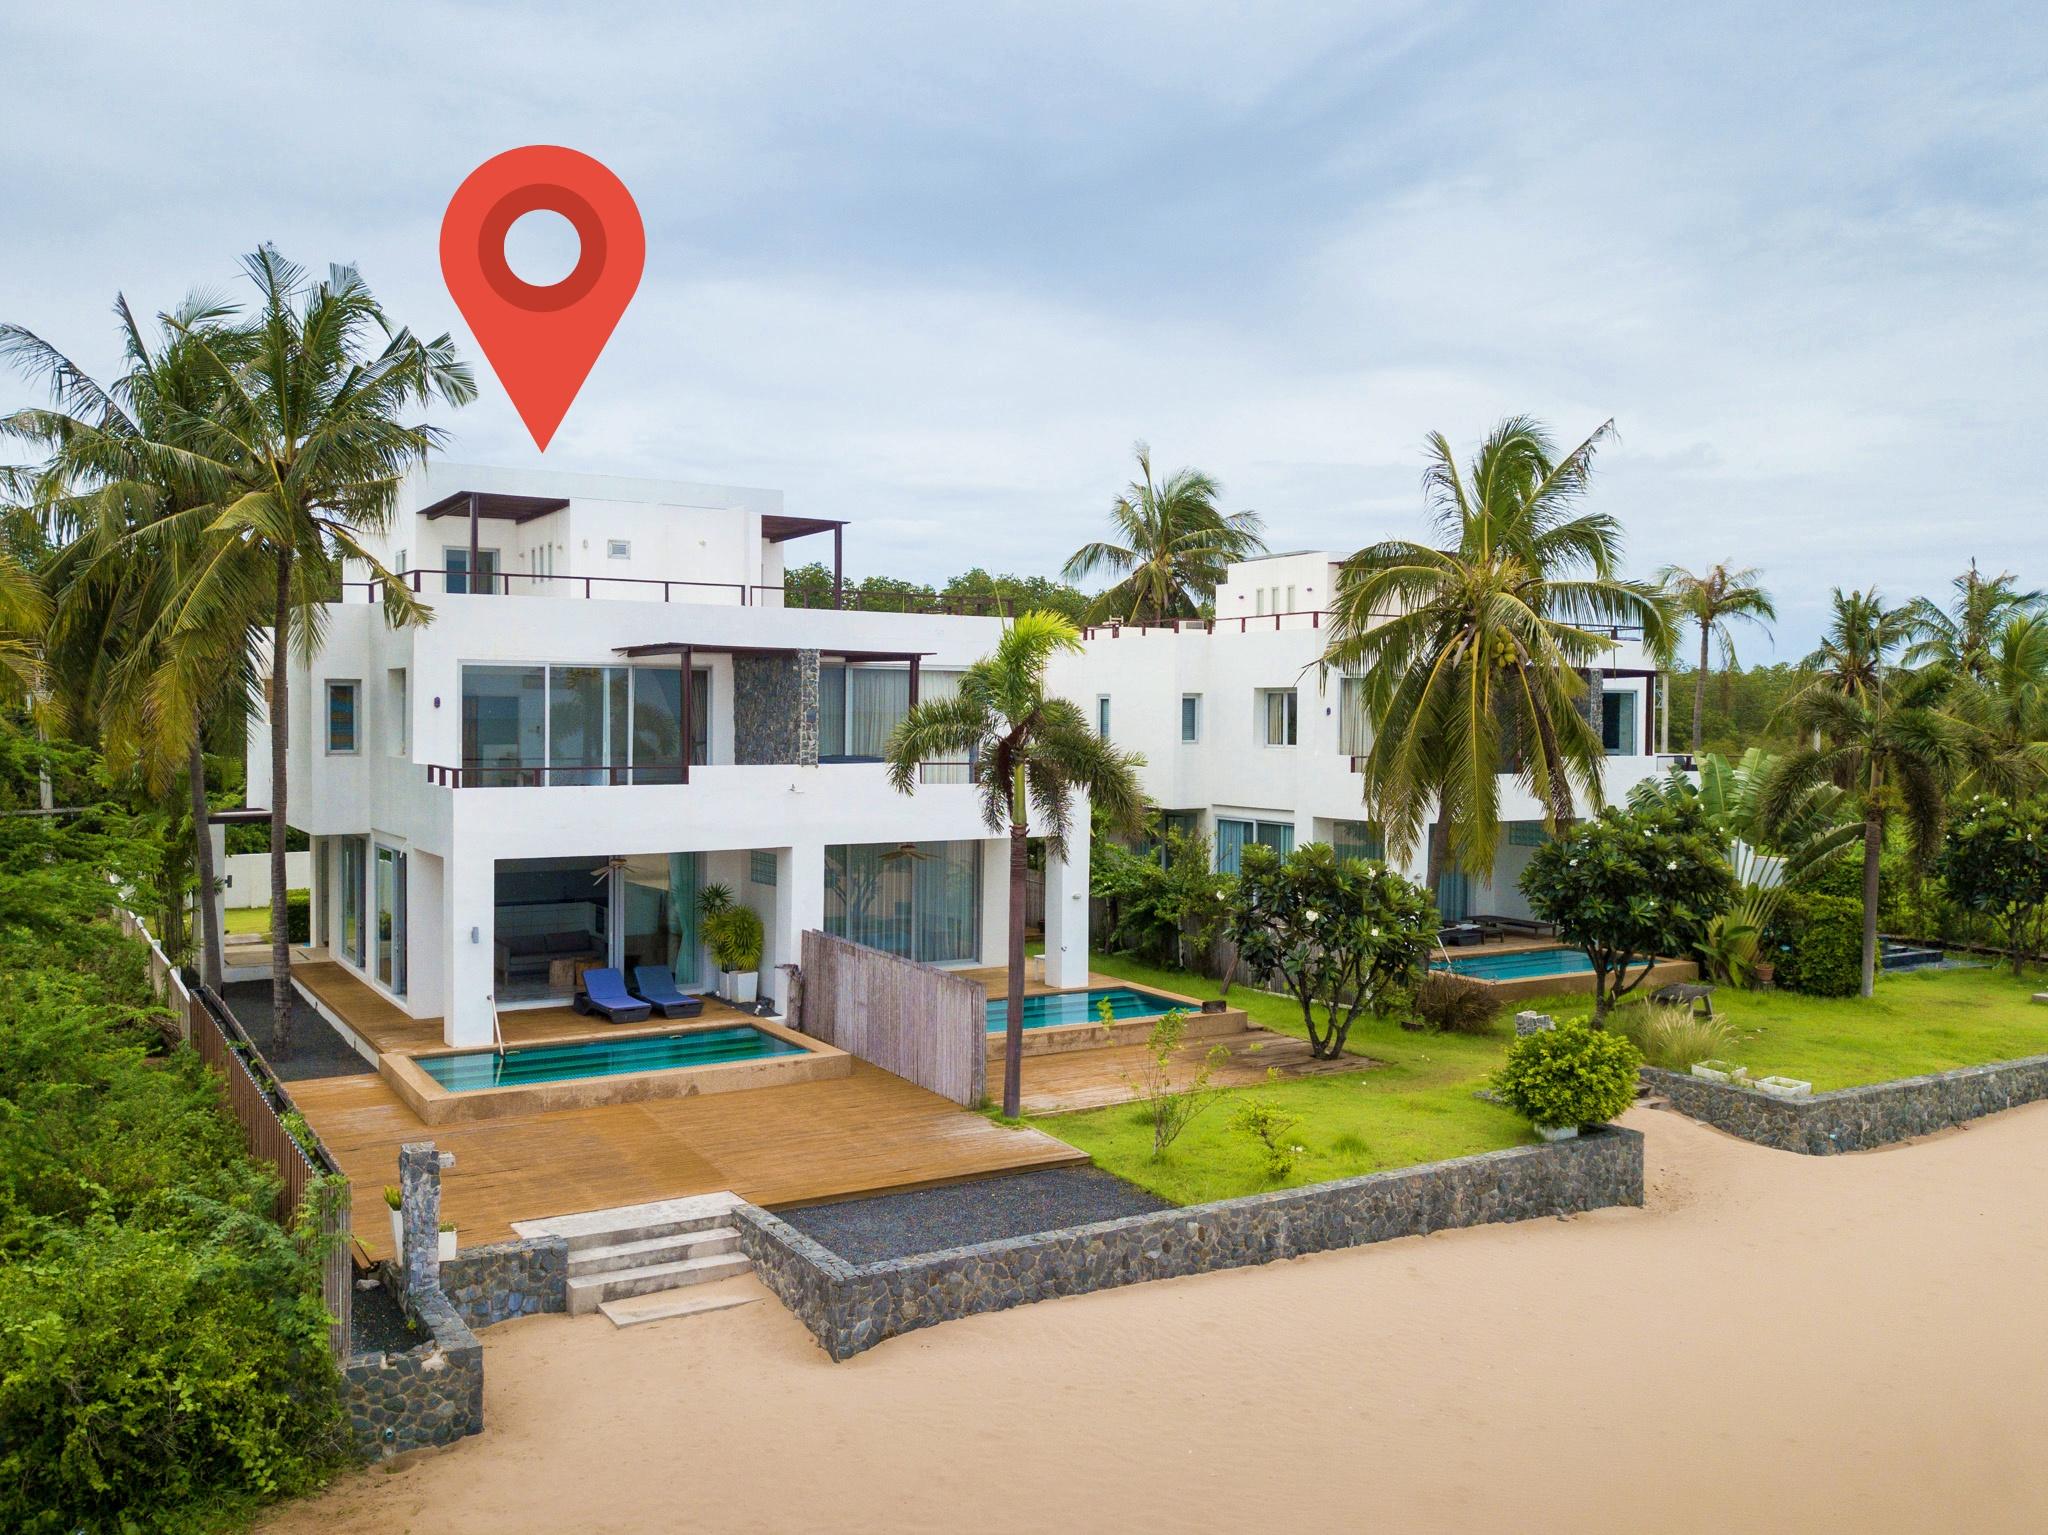 ขายบ้านโมเดิร์นติดทะเลกุยบุรี Beachfront Pool Villa For Sale @Kuiburi